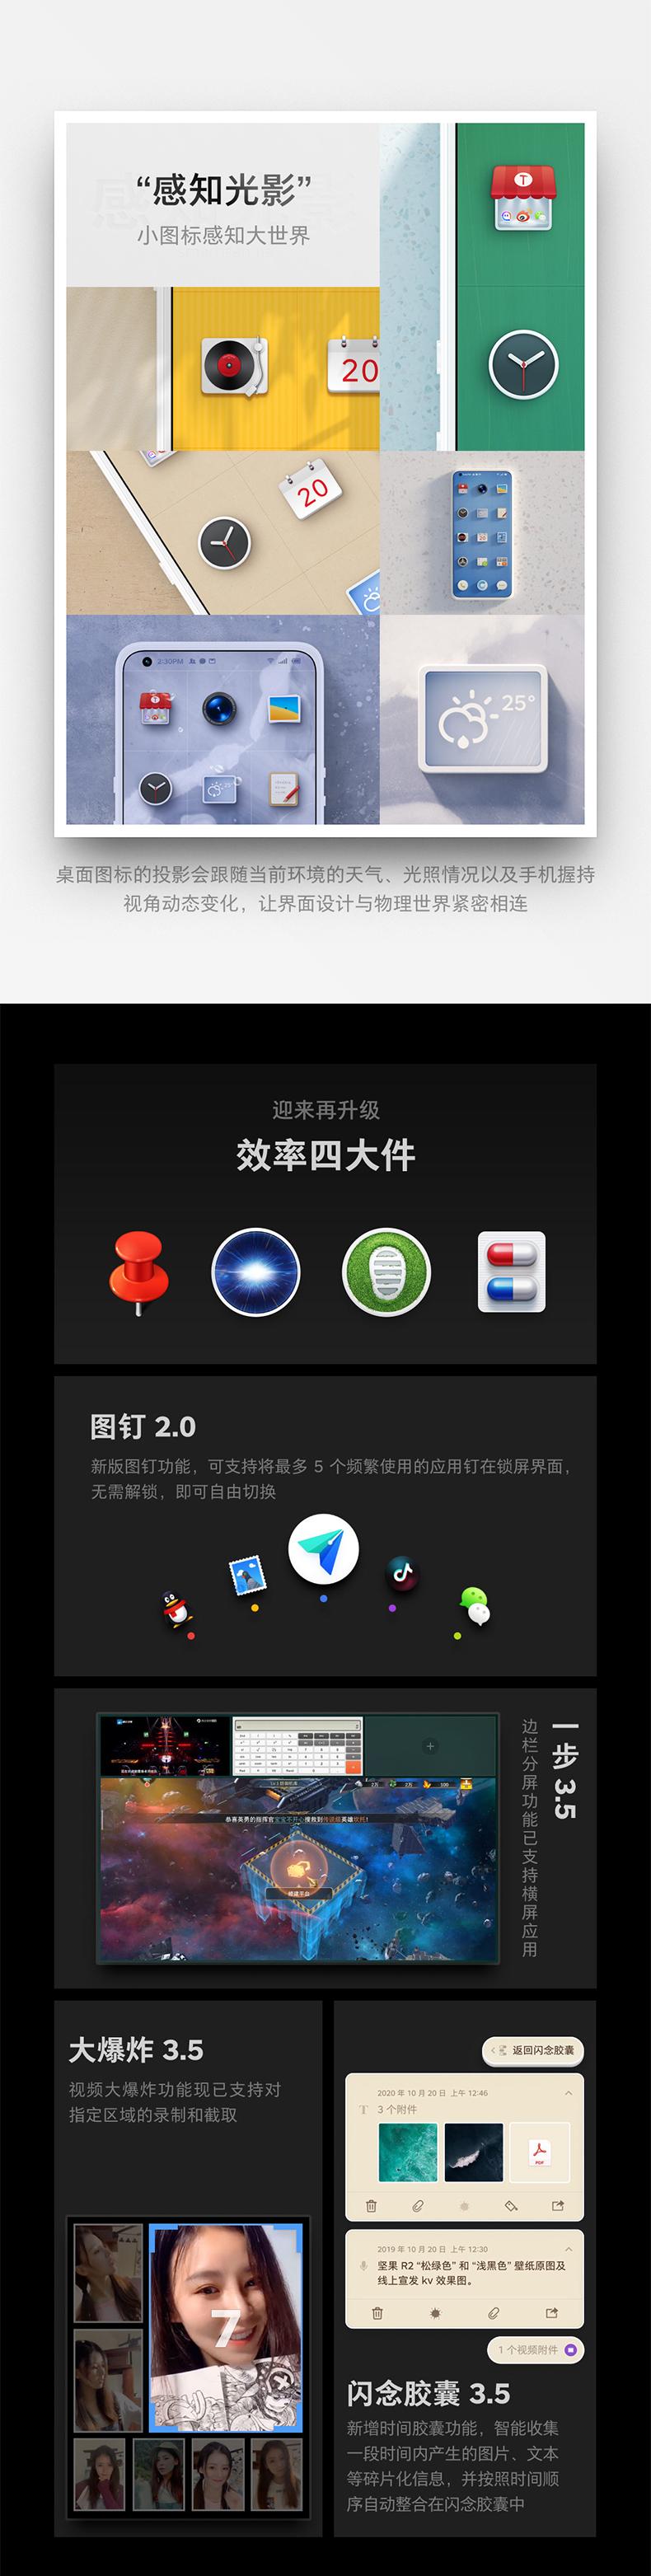 锤子科技 坚果 R2 5G智能手机 8+128G 图15